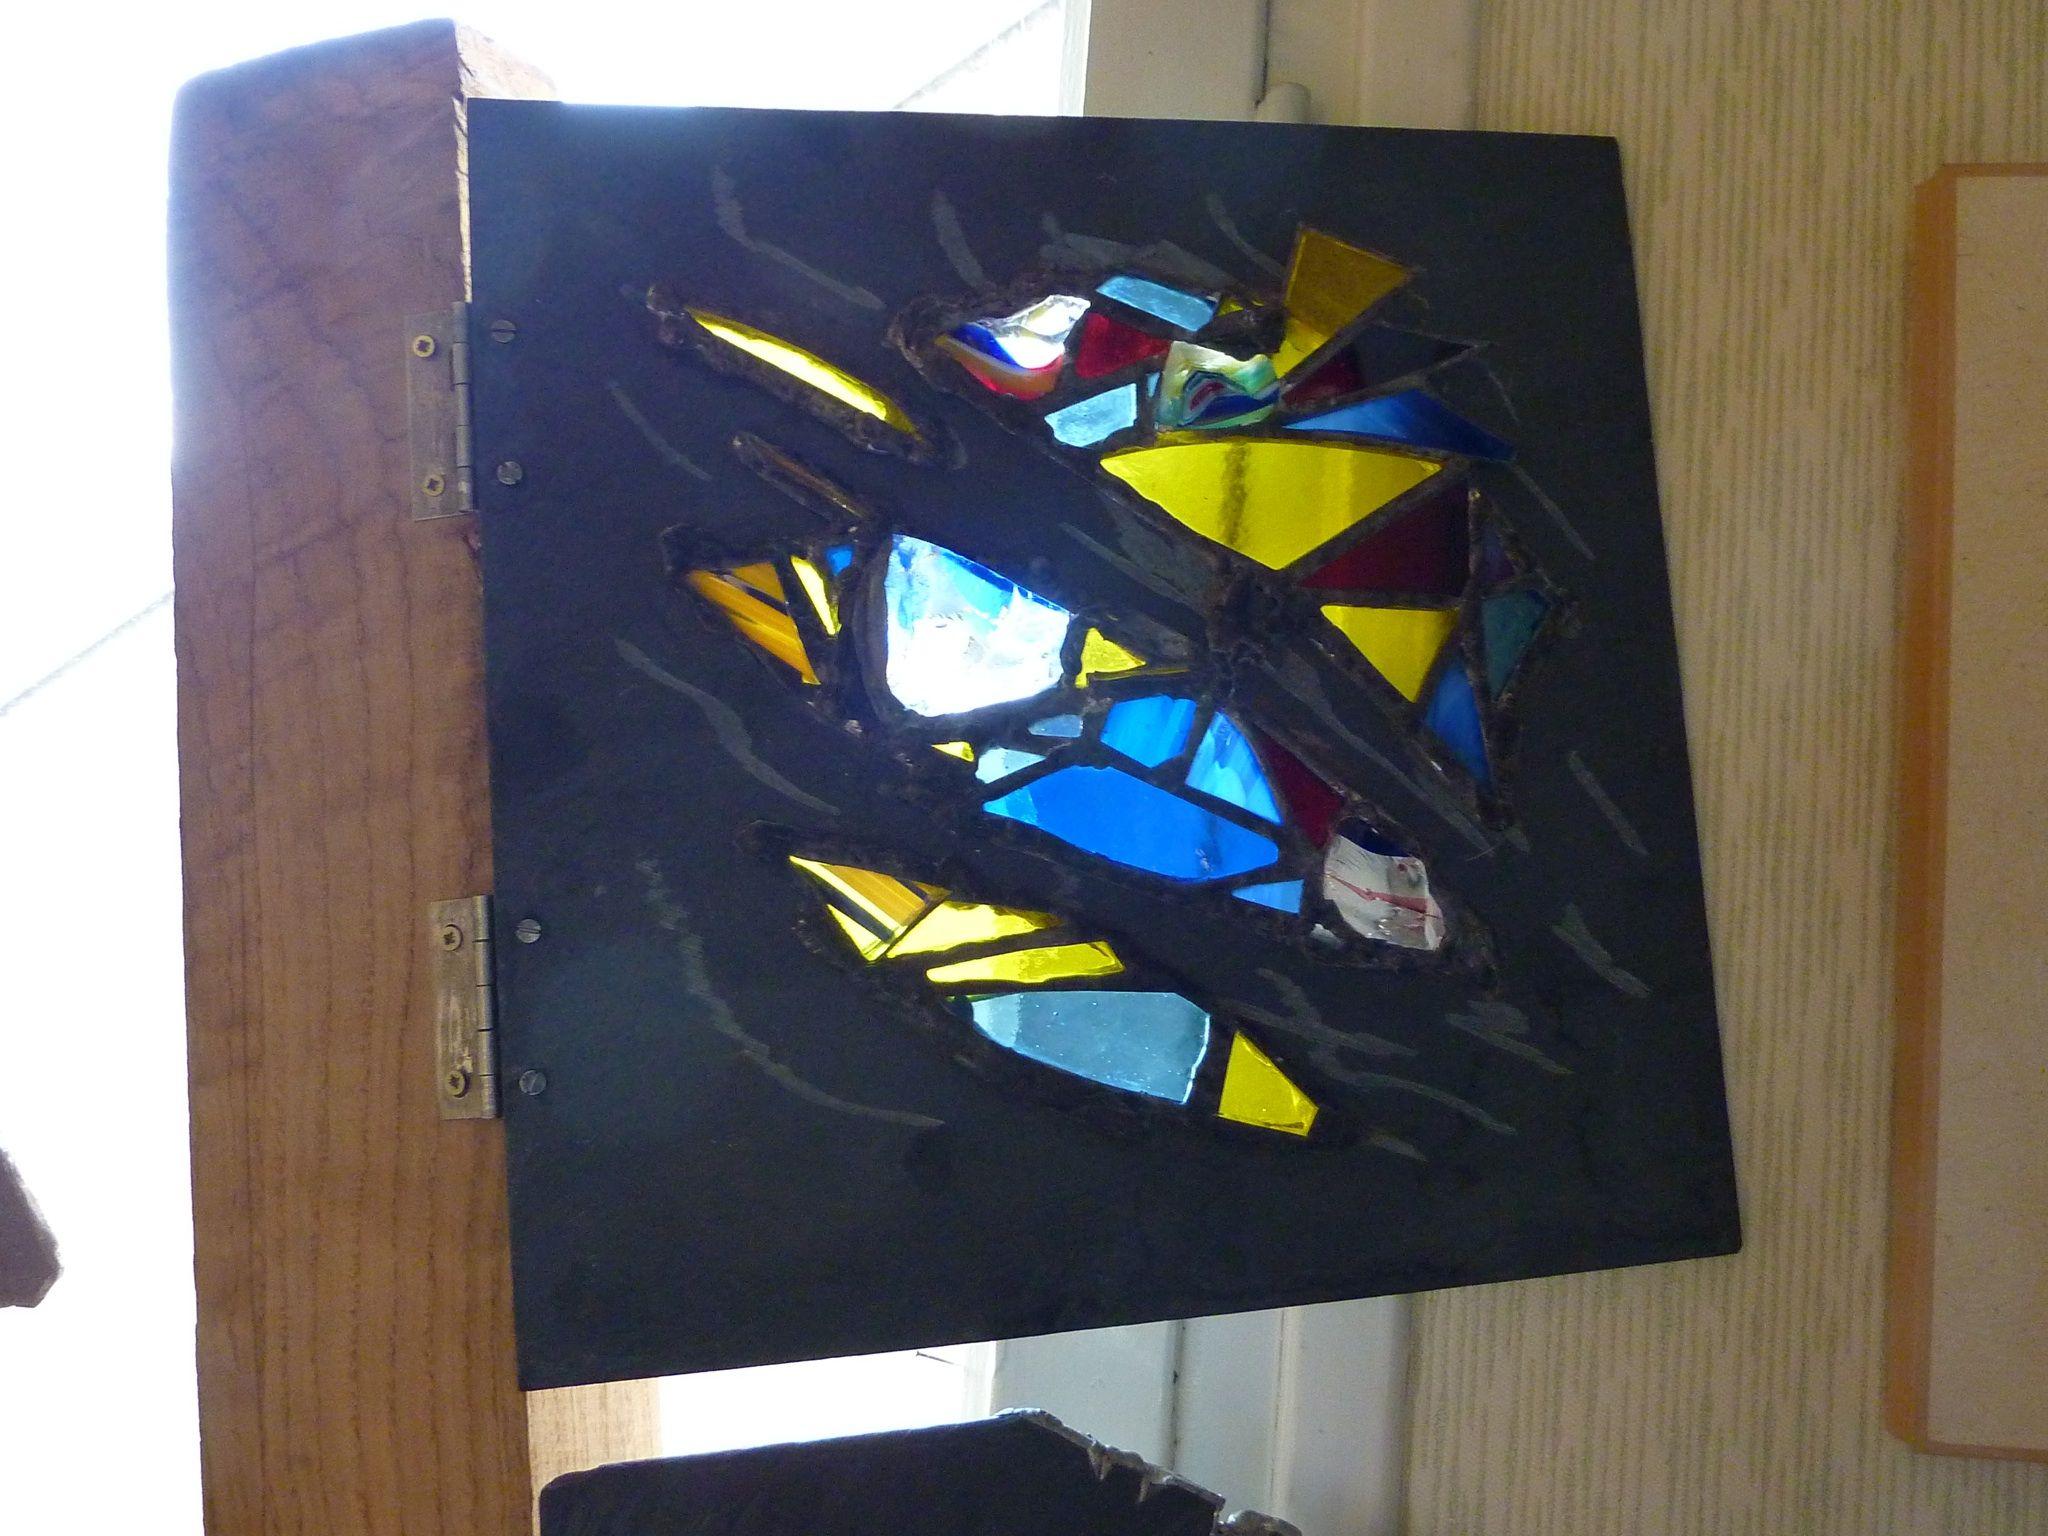 Volet de fen tre vitrail bijoux de fenetre pinterest for Fenetre en vitrail